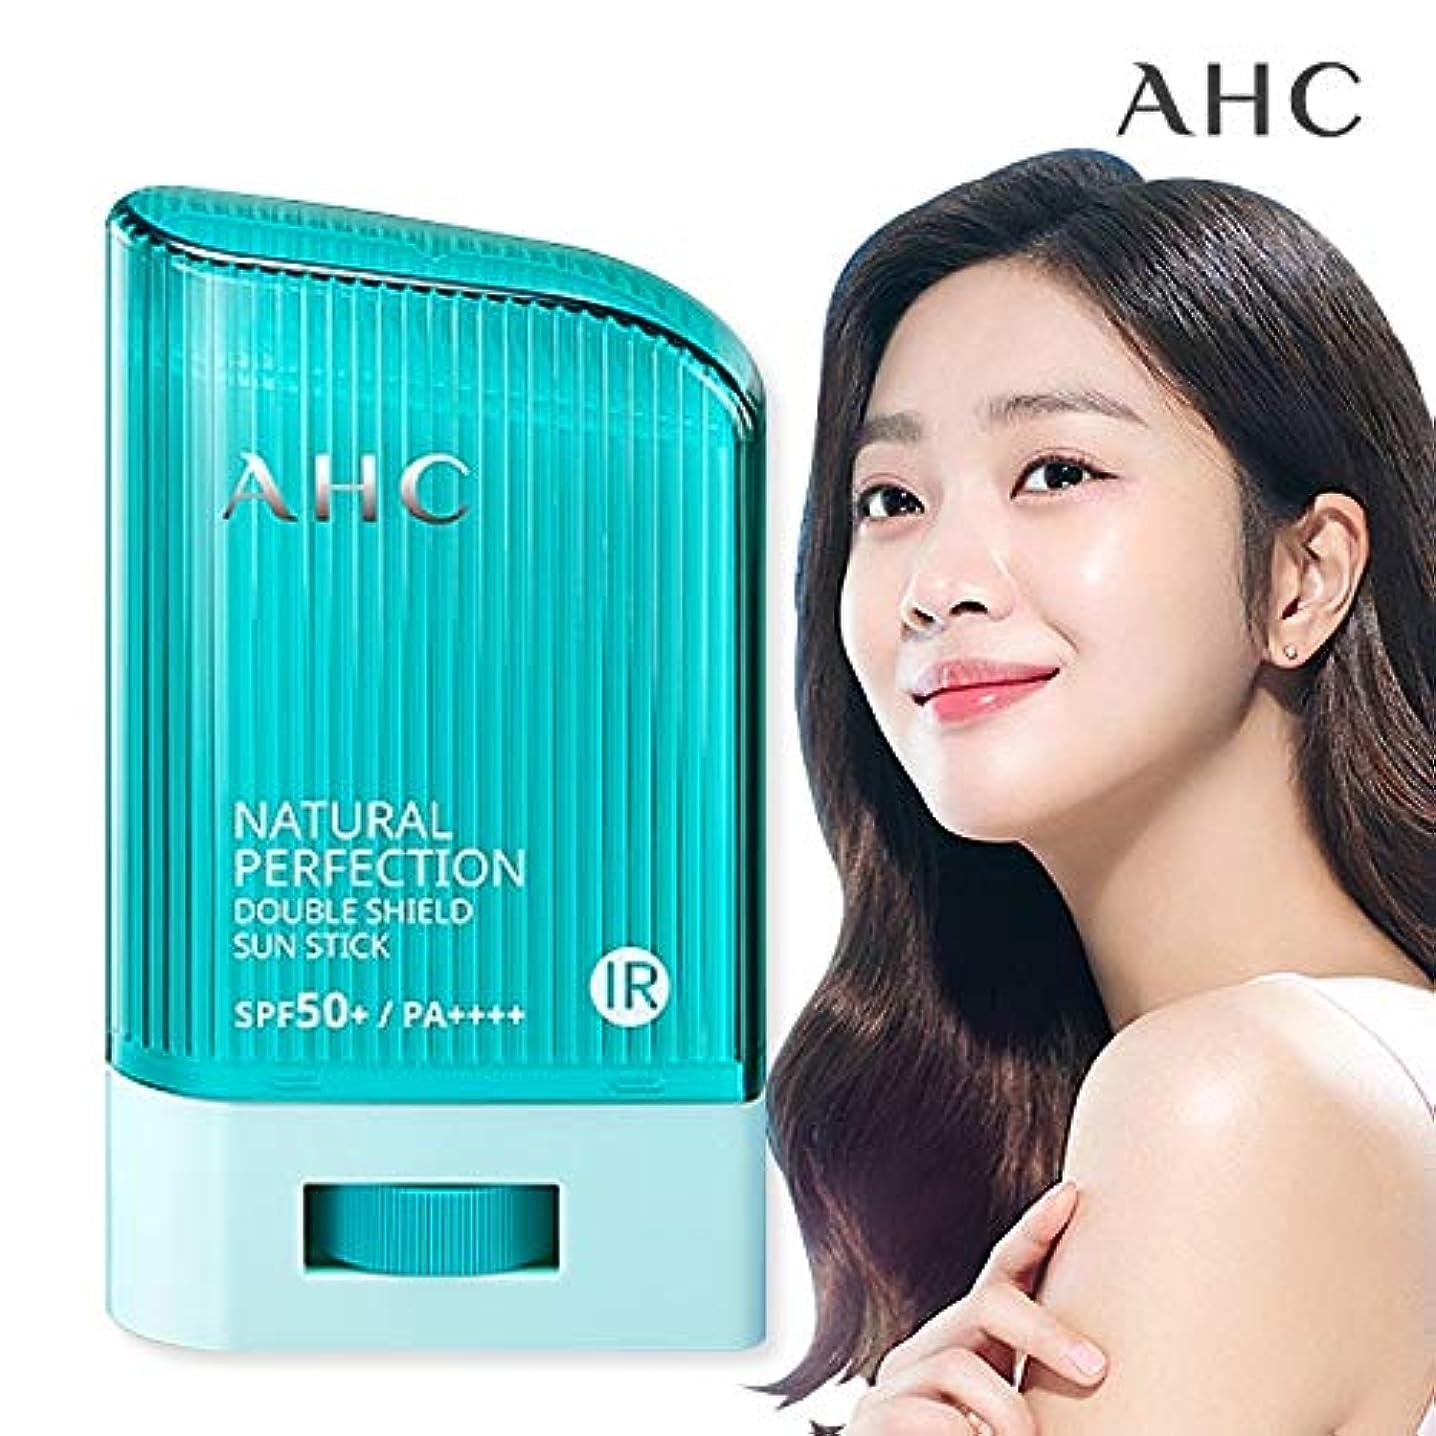 シンボルそのような変装したAHC ナチュラルパーフェクションダブルシールドサンスティック 22g, SPF50+ PA++++ A.H.C Natural Perfection Double Shield Sun Stick